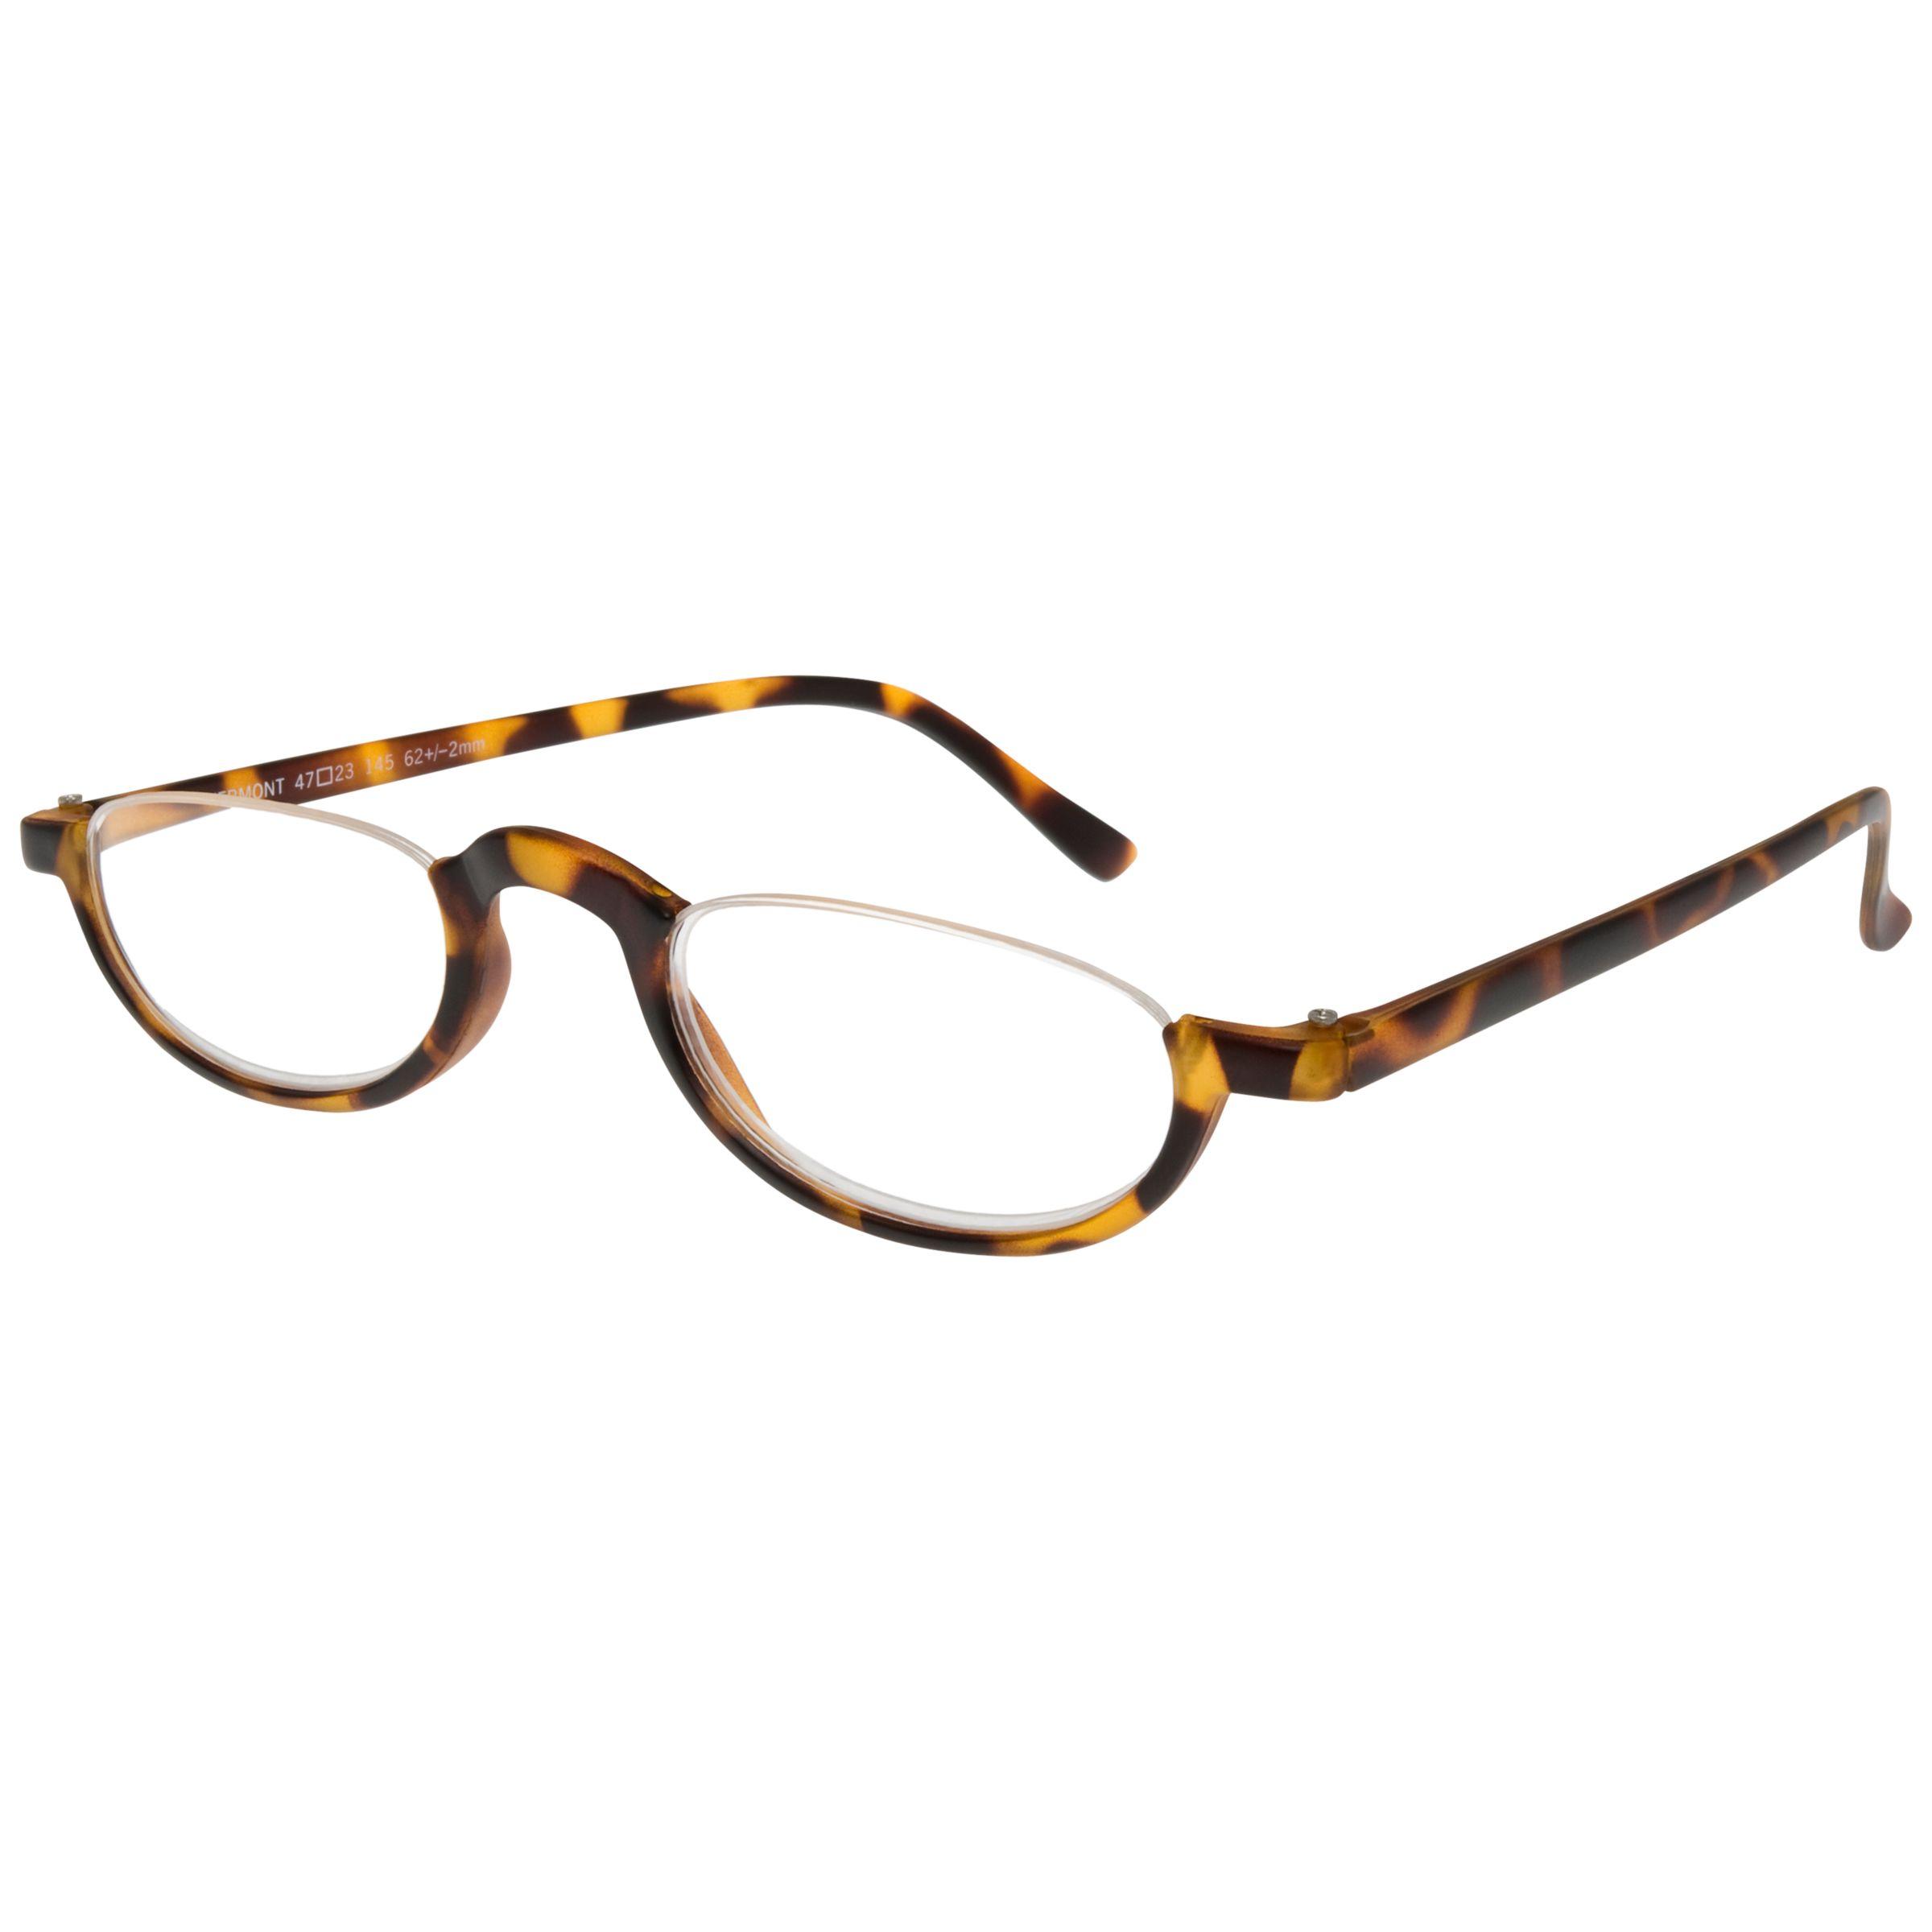 Half Frame Tortoise Shell Reading Glasses : Buy Magnif Eyes Vermont Unisex Ready Reader Glasses, Shell ...